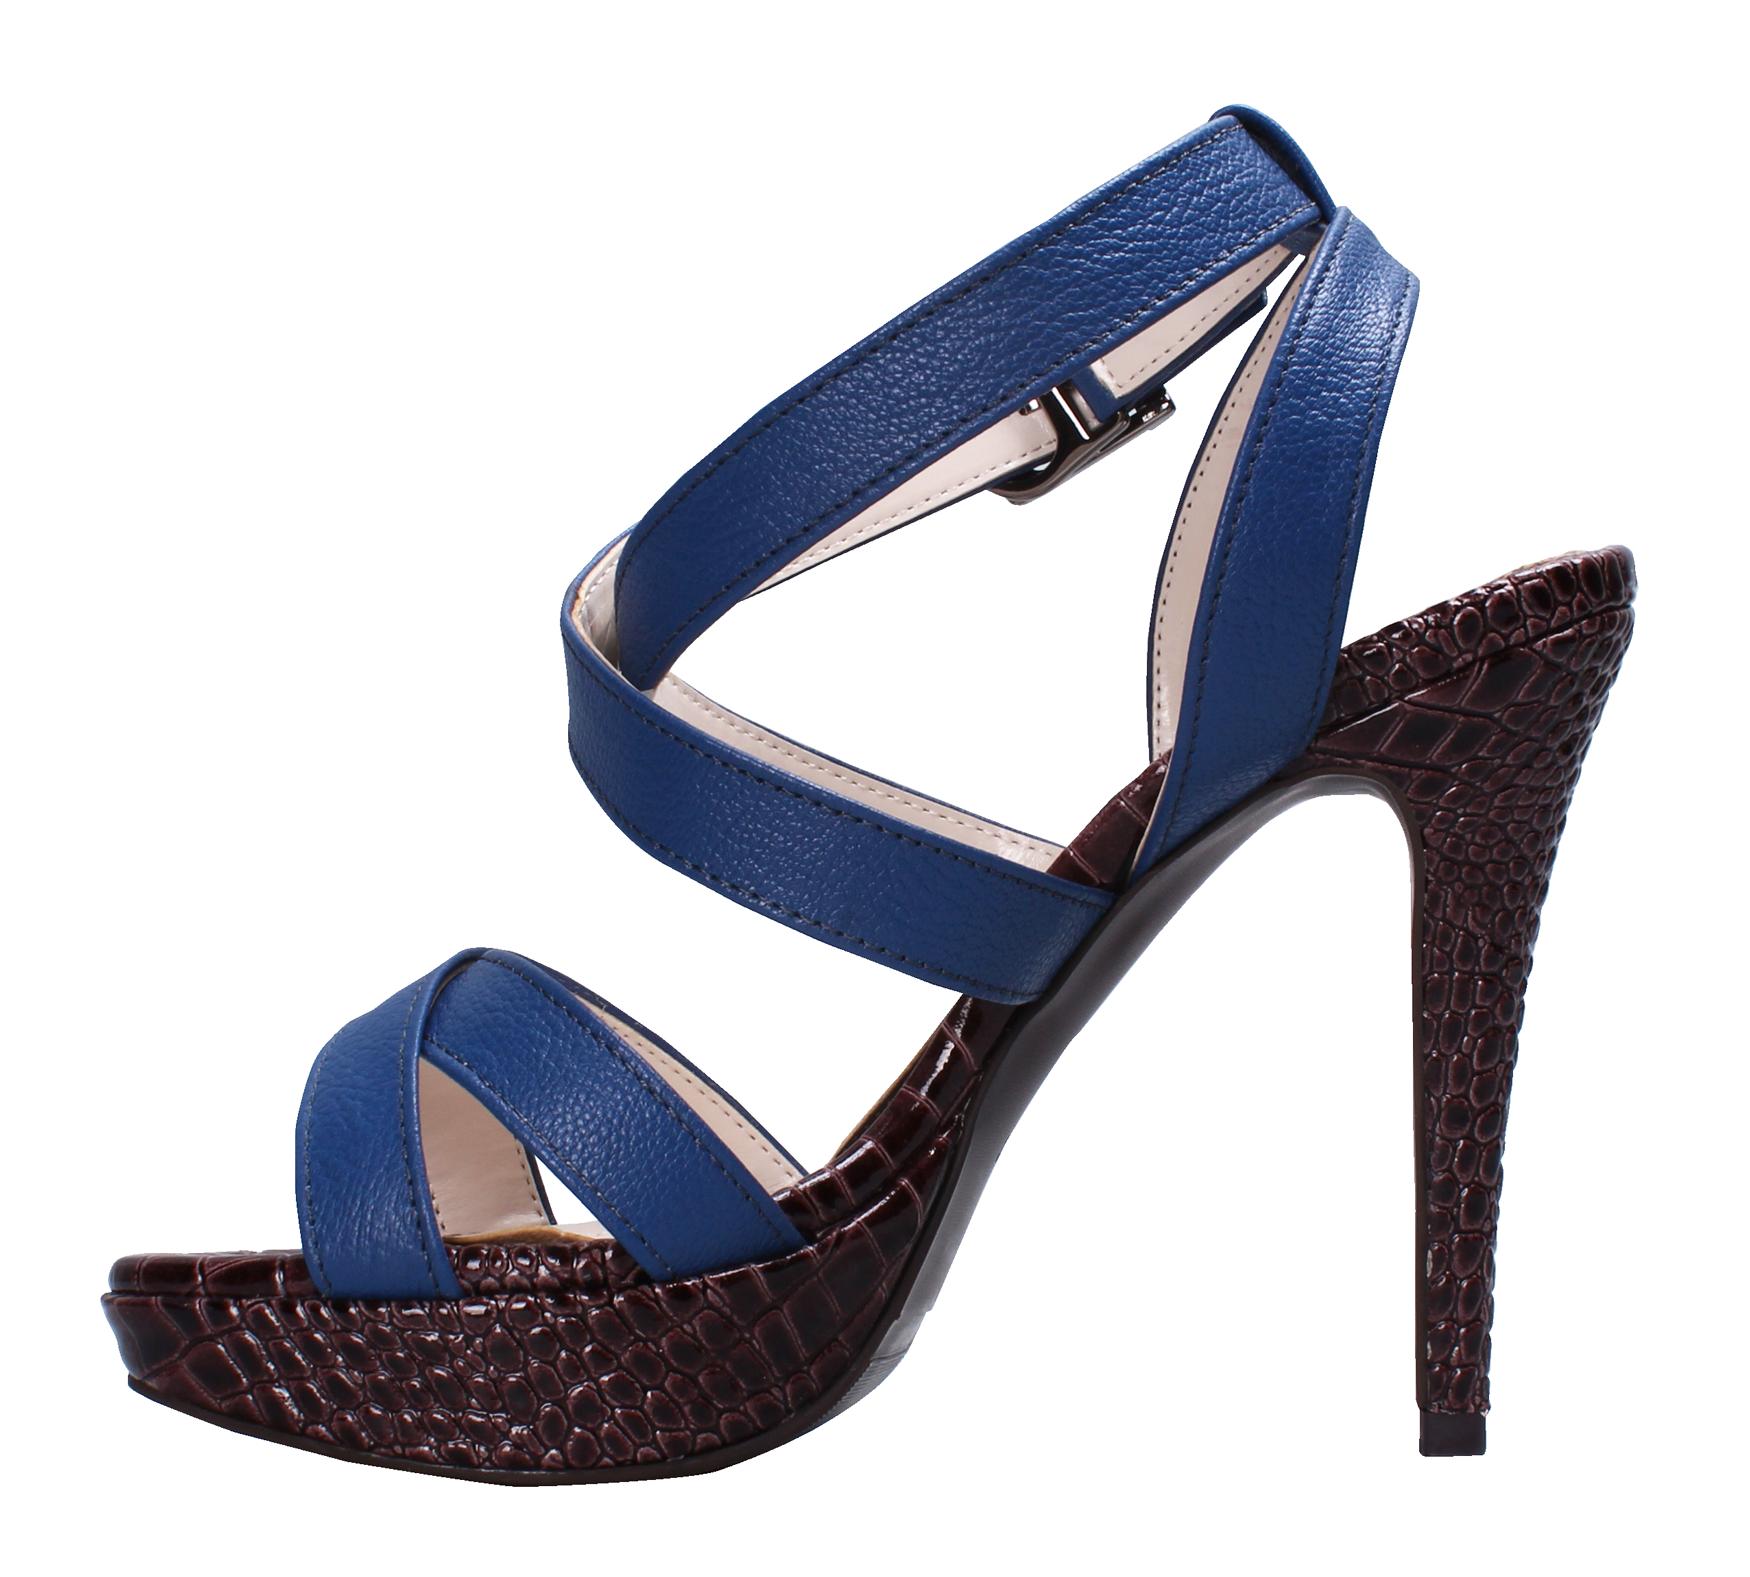 Blue Women Sandal Transparent PNG Image - Sandal PNG